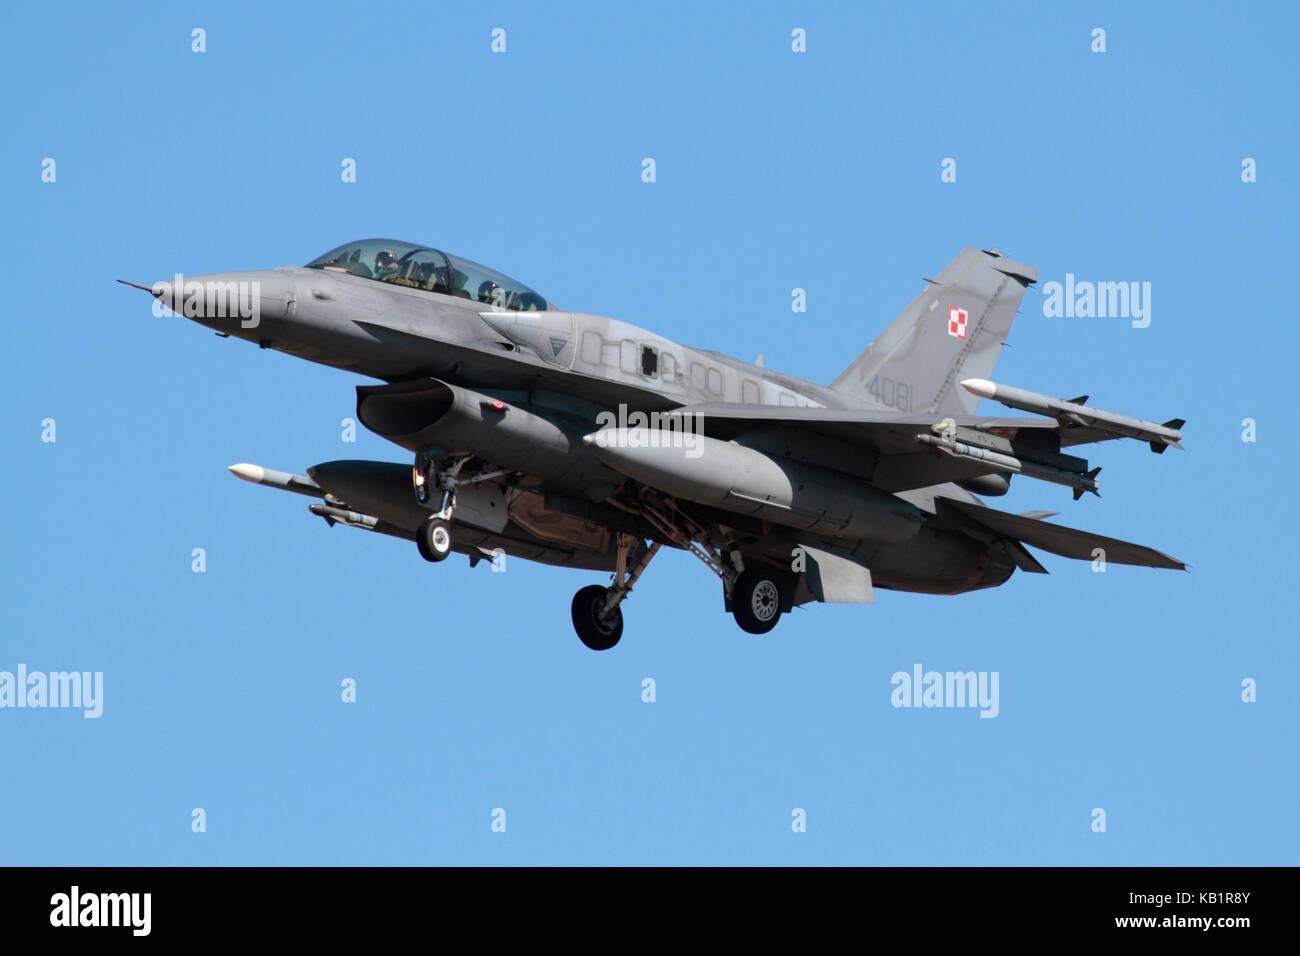 Avions militaires modernes. Avion de combat F-16 D de la Force aérienne polonaise à l'approche, équipé de réservoirs de carburant conformes (CFT) sur le fuselage Banque D'Images